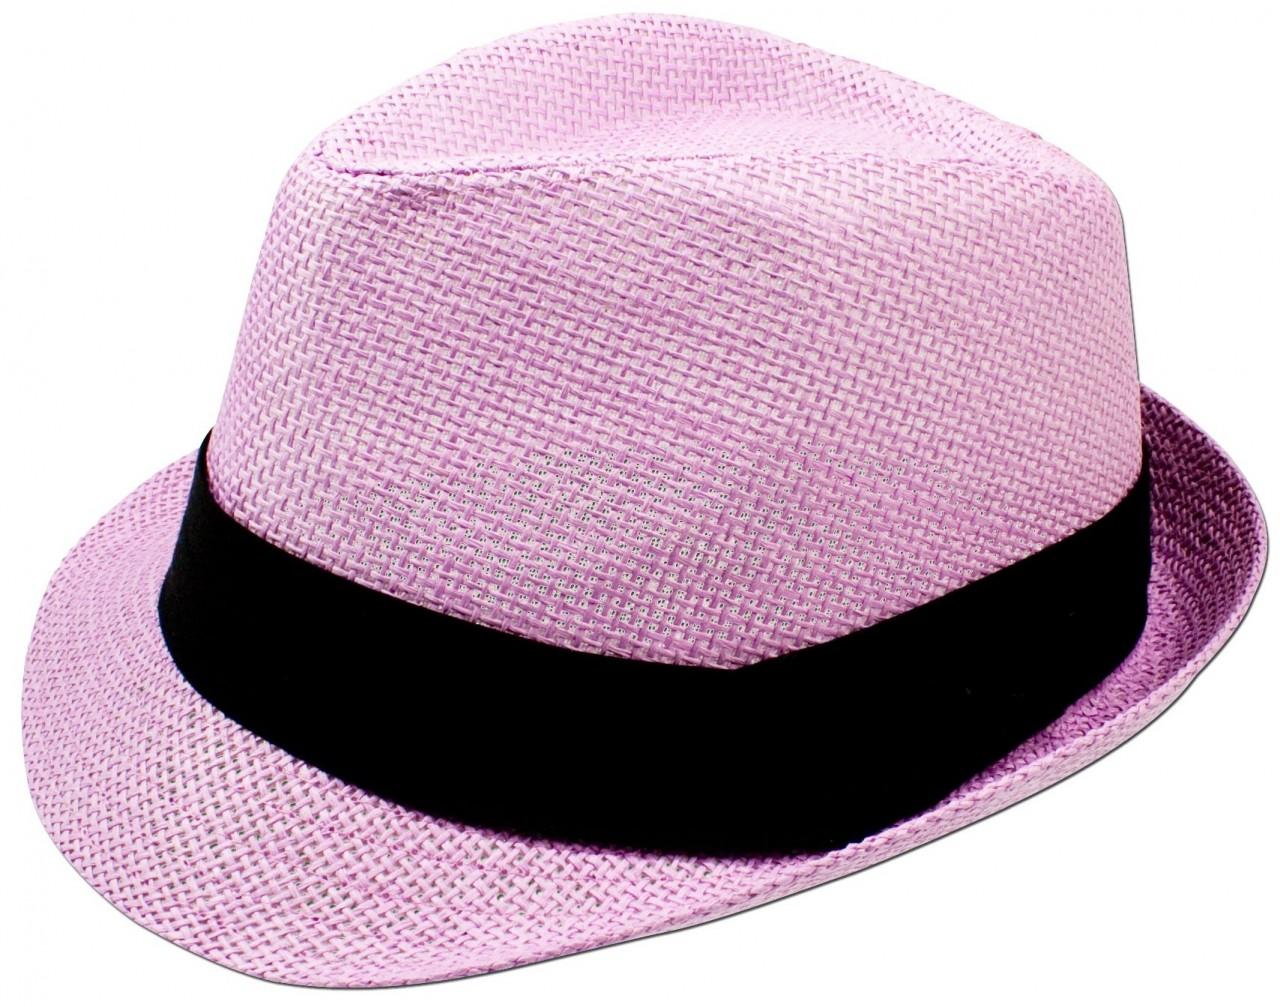 Trachten-Strohhut schlicht rosé